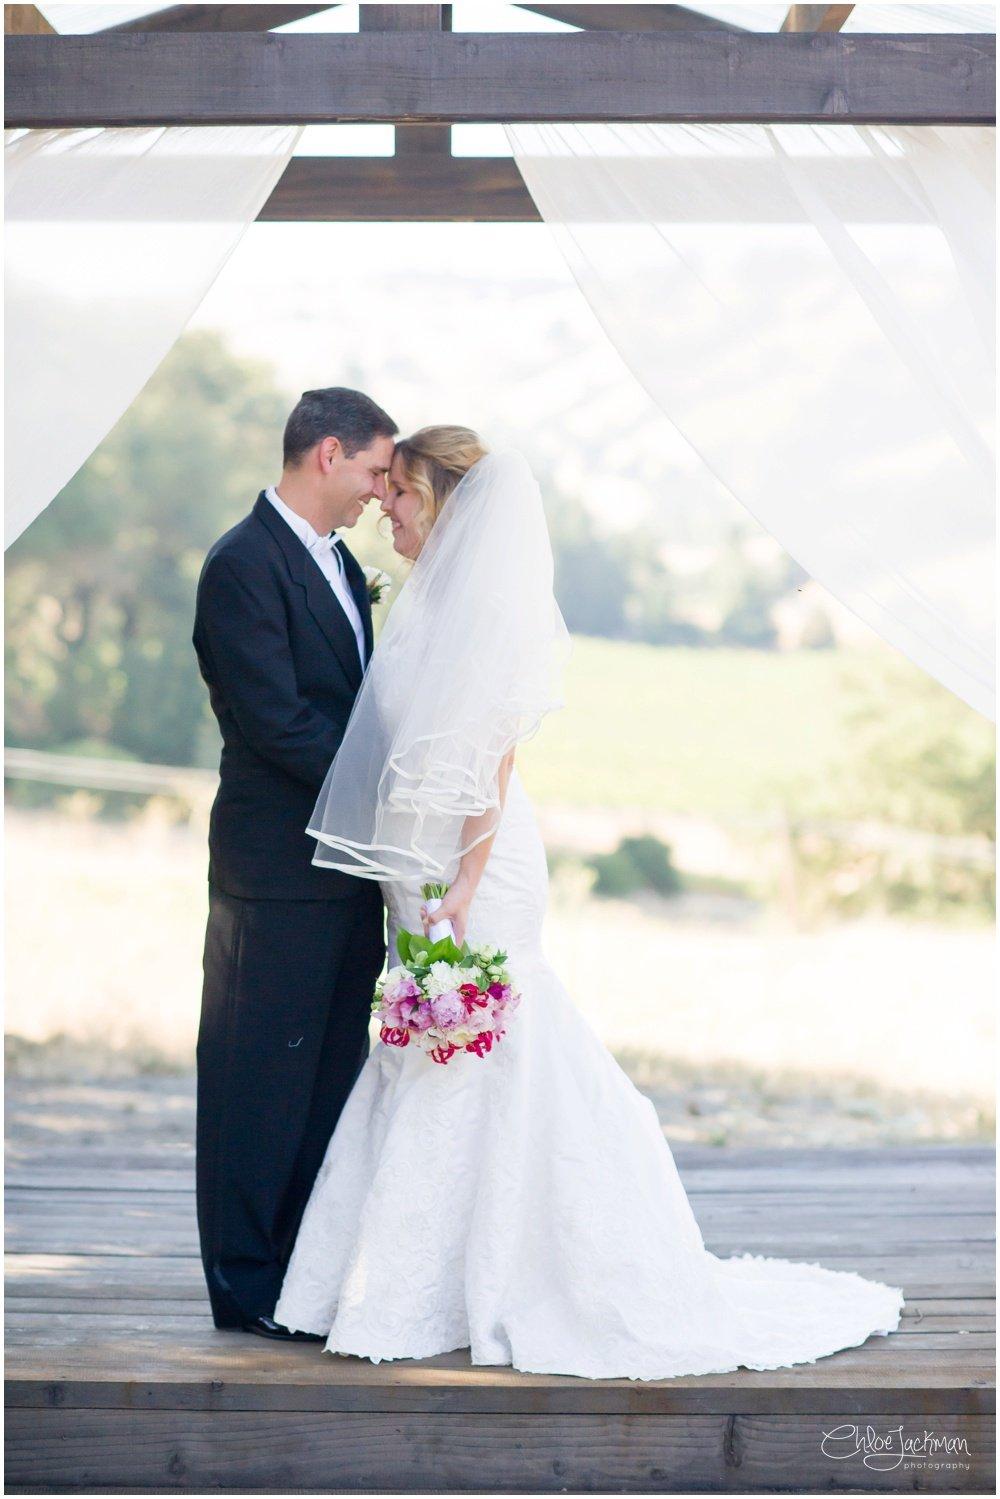 bride and groom embracing at highlands estate wedding